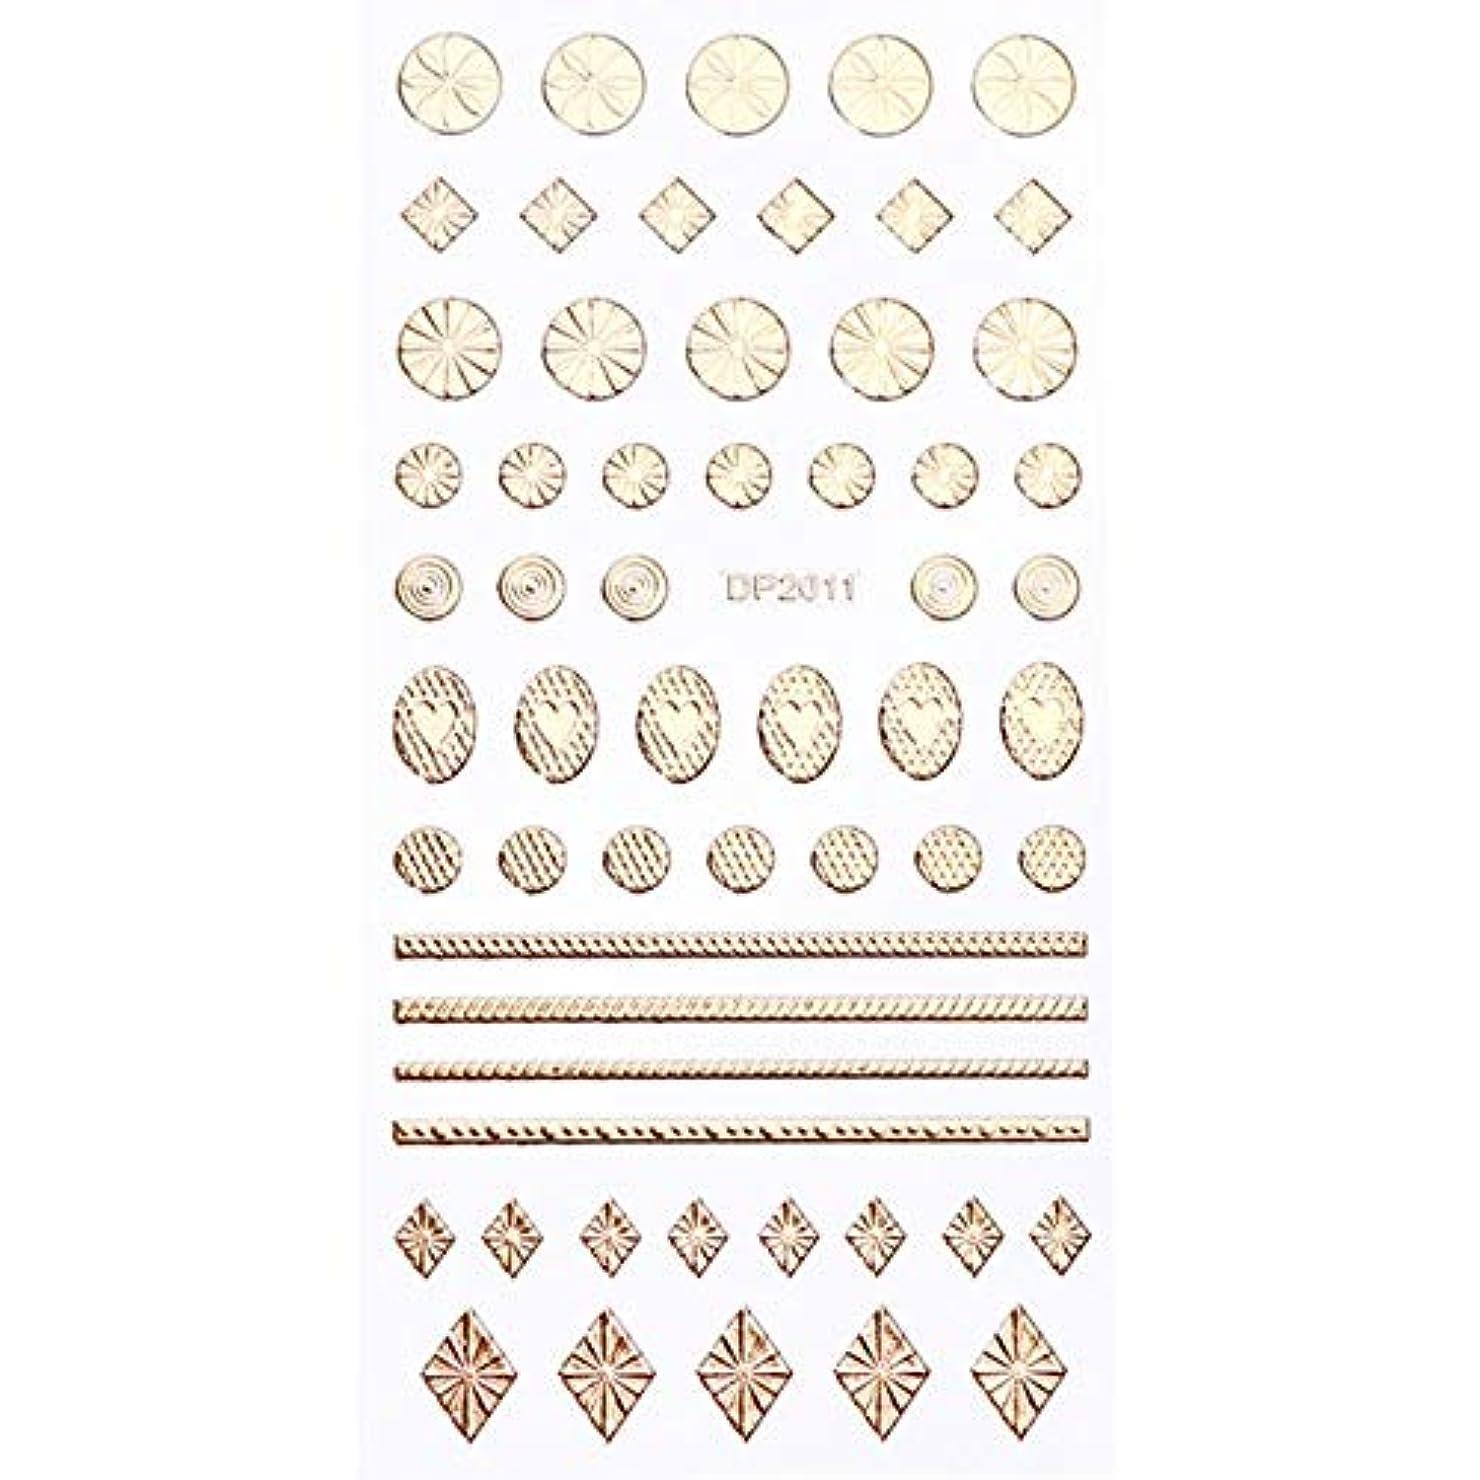 テクスチャーモールスツールSUKTI&XIAO ネイルステッカー 1ピースゴールド3dネイルステッカーデコレーション金属ジオメトリハートスター接着剤のヒント爪デカールマニキュアツール